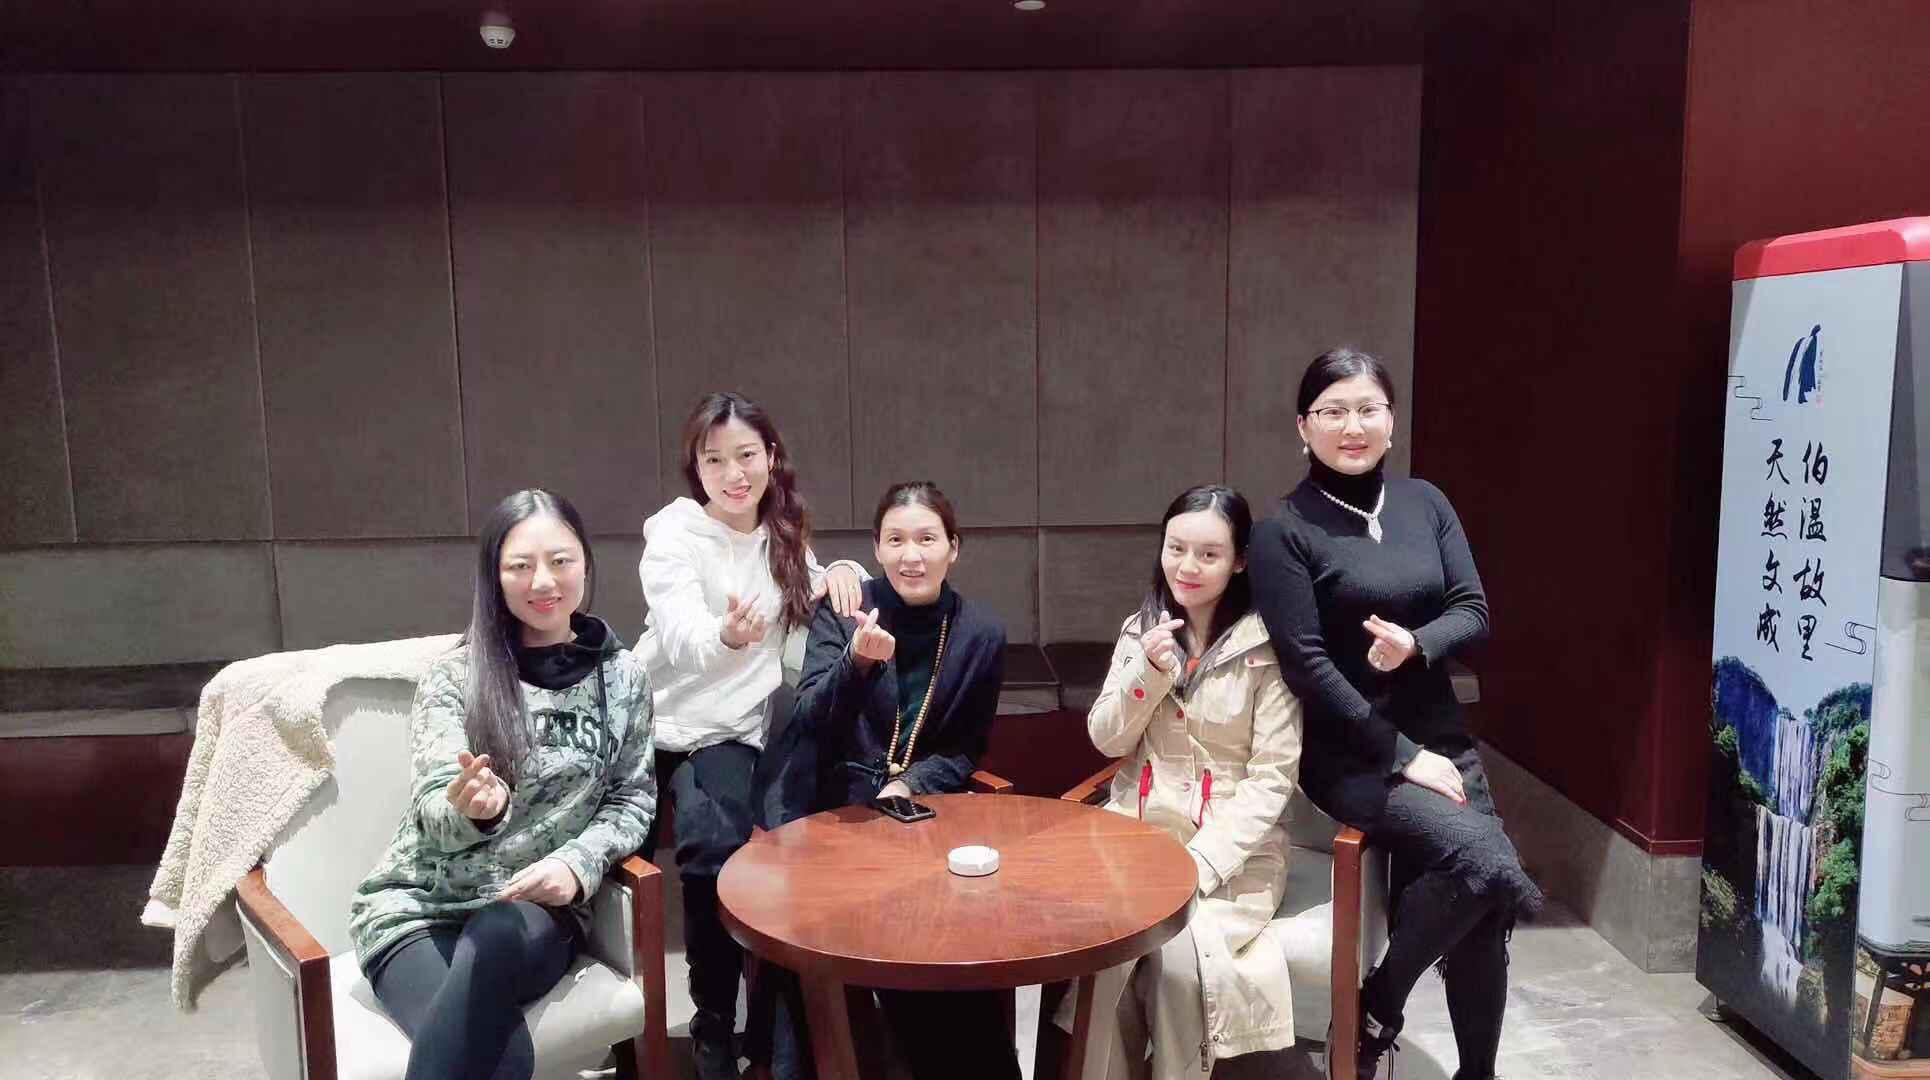 (图:右二为吕仲传媒旗下当红艺人米粒).png